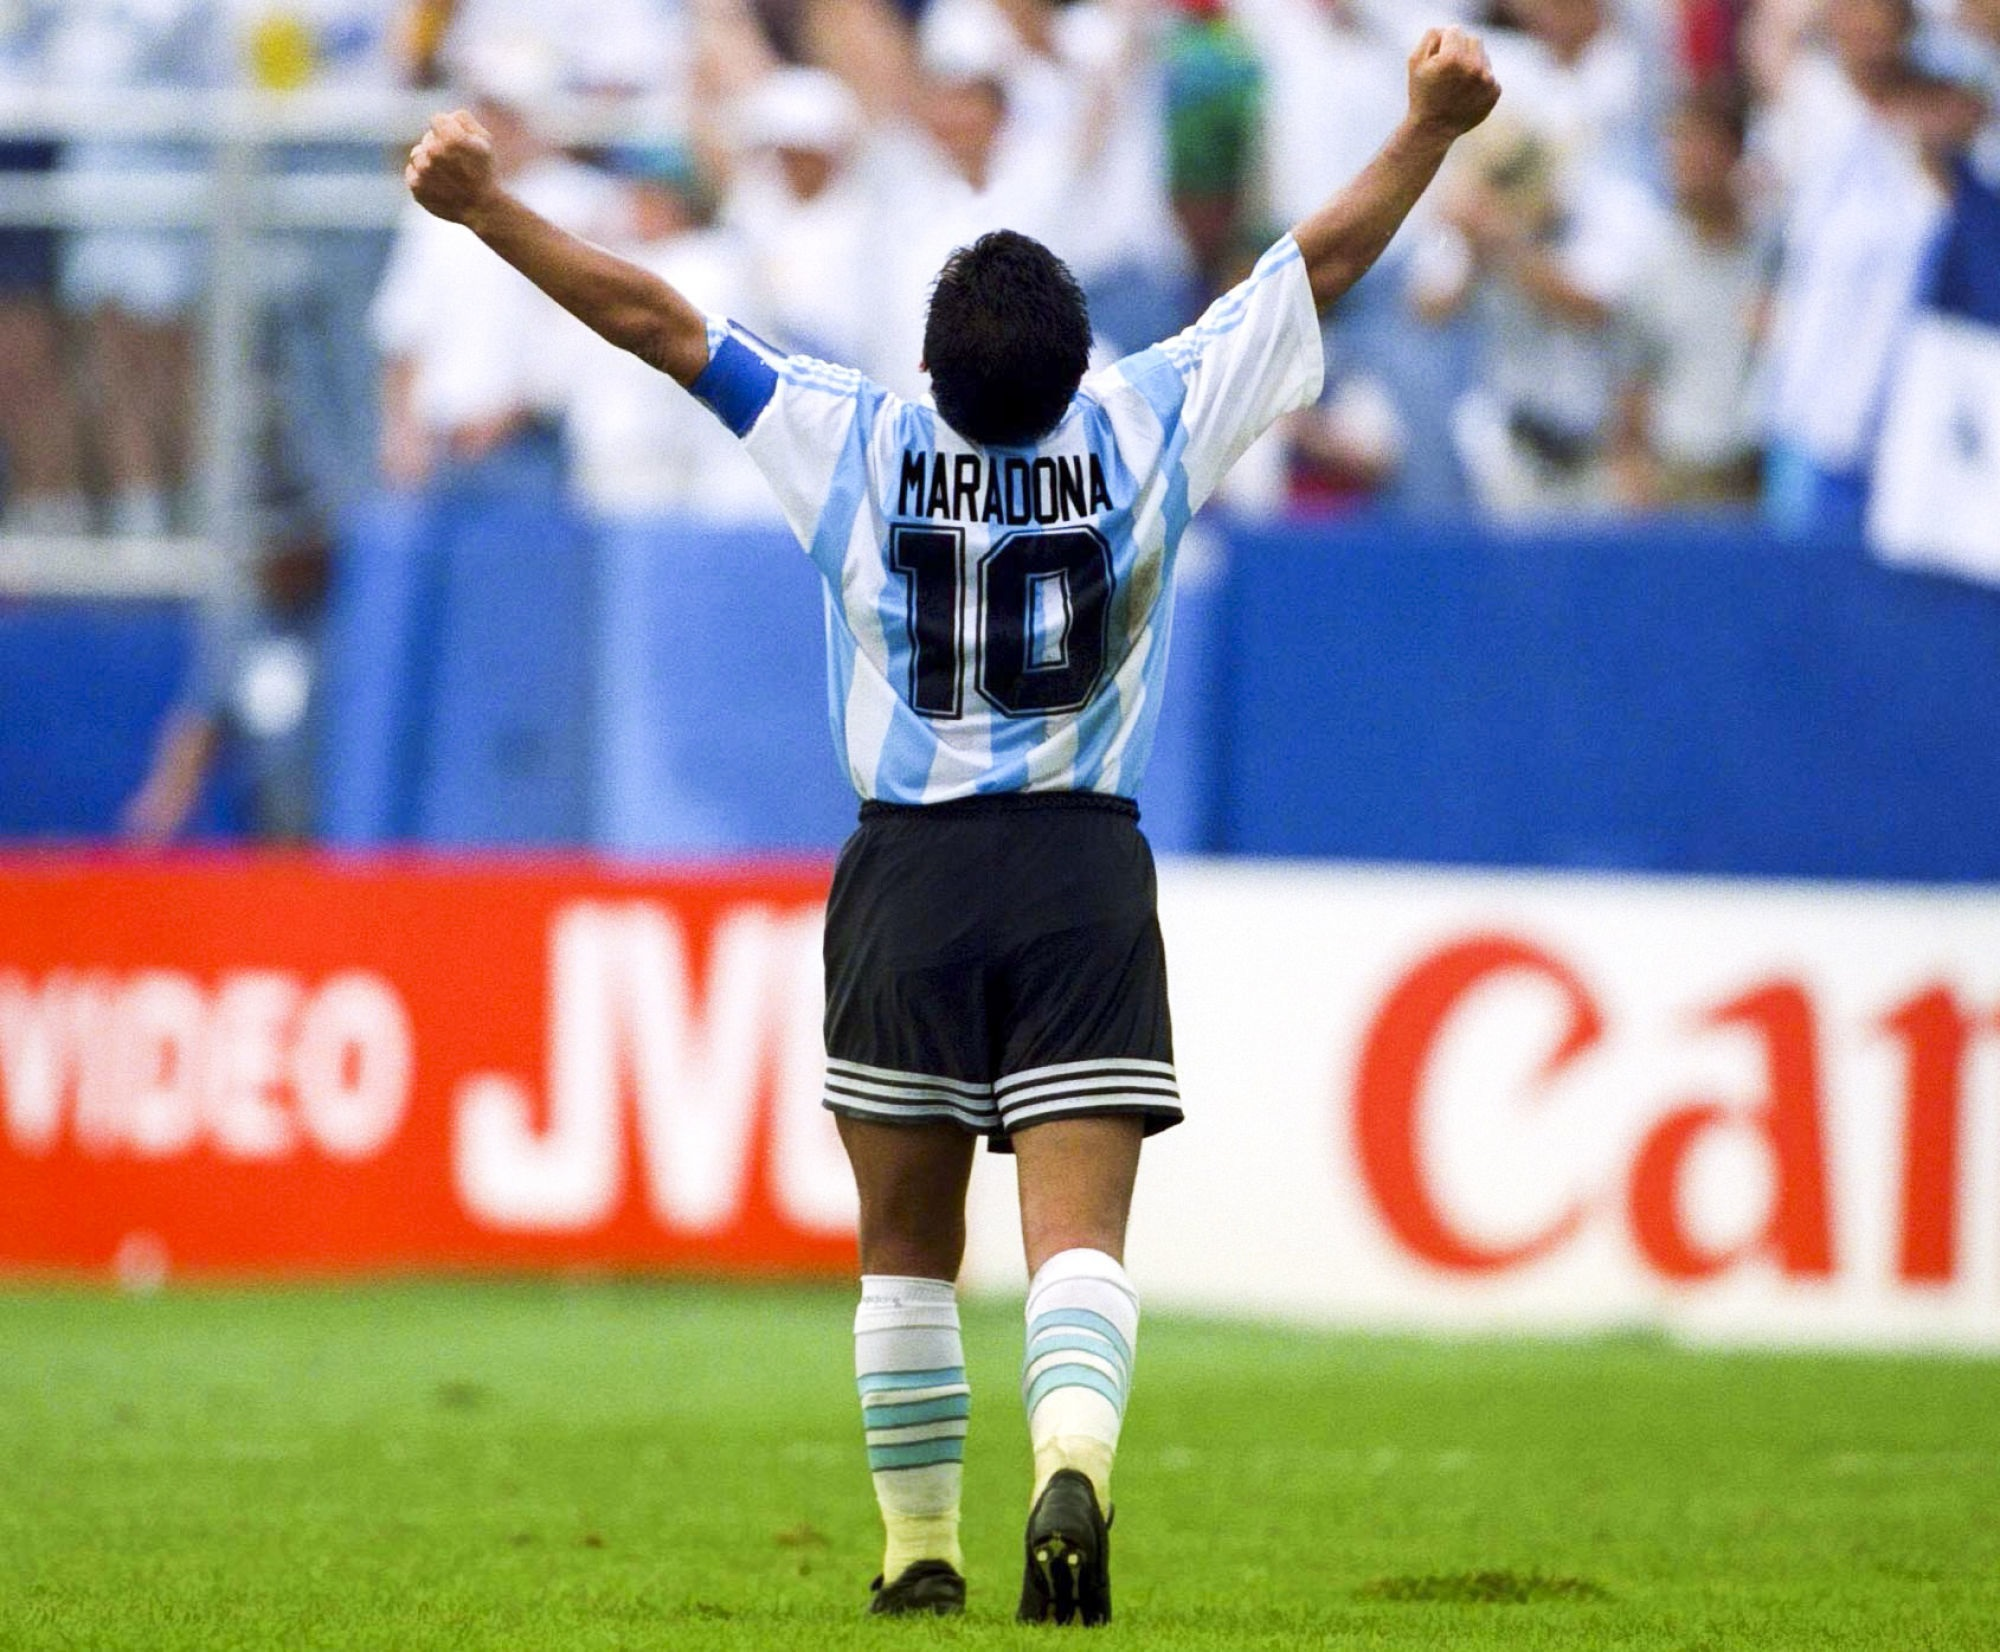 Le PSG et Mbappé rendent hommage à Maradona suite à son décès